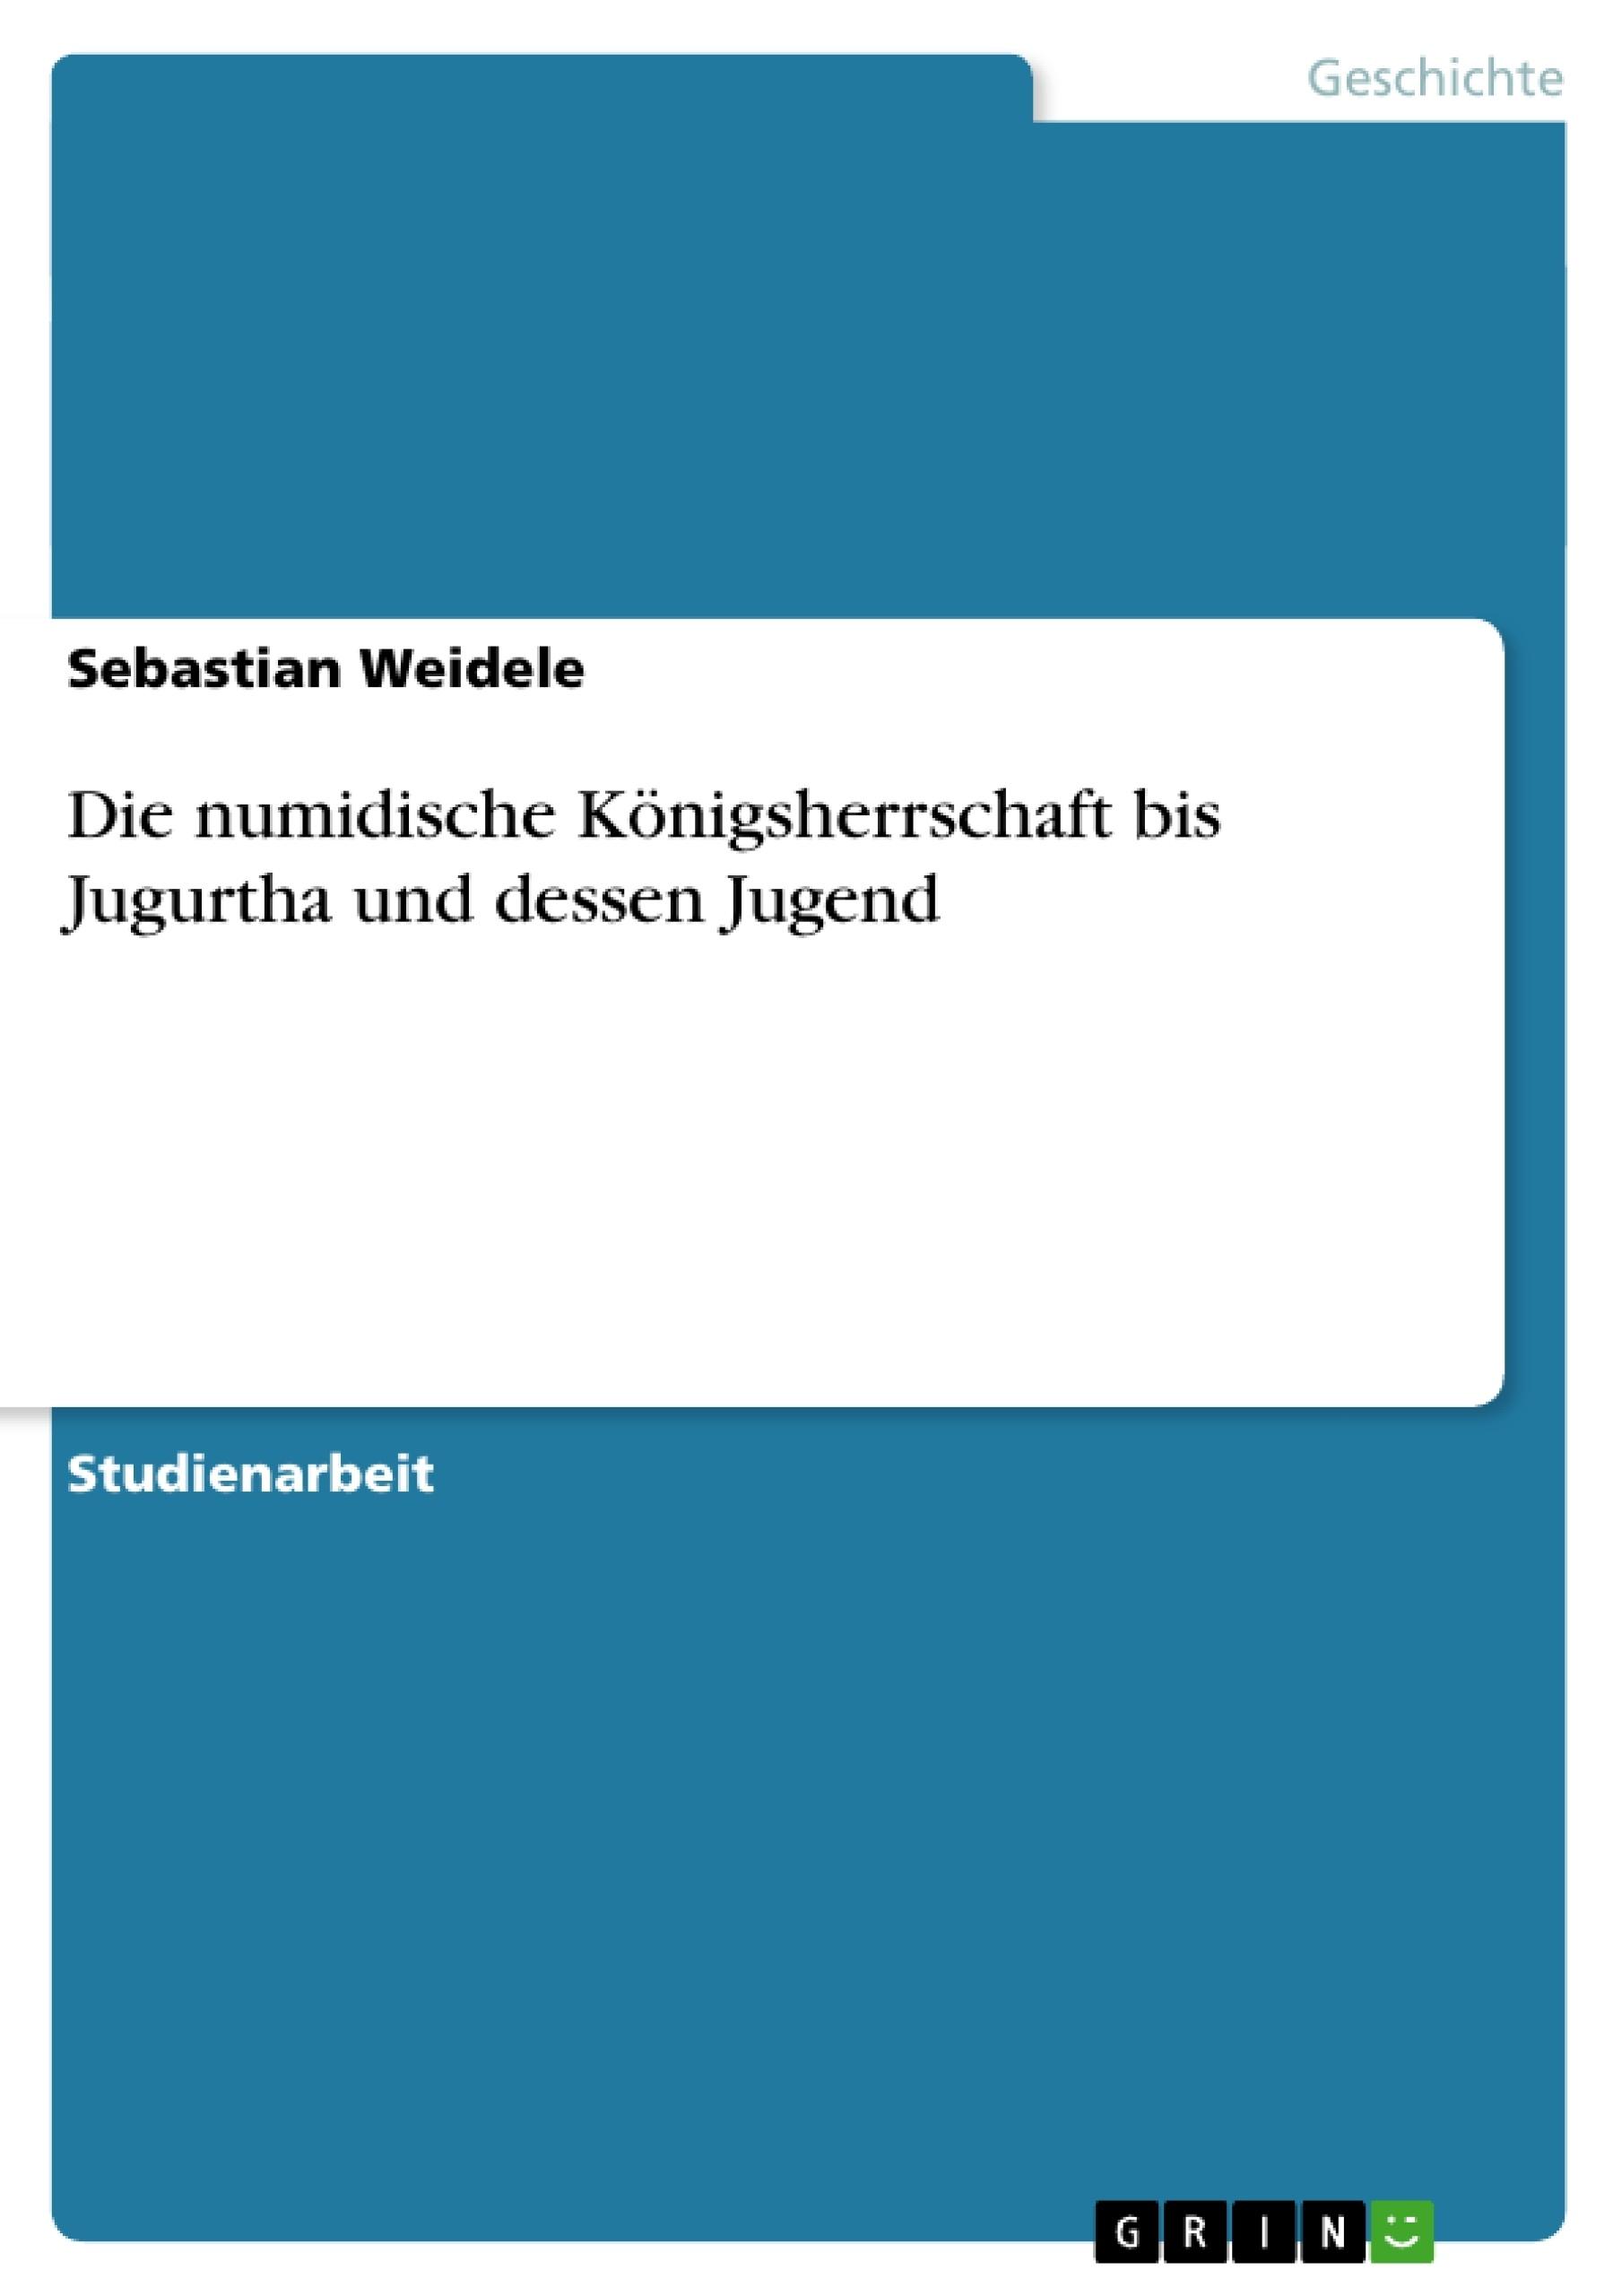 Titel: Die numidische Königsherrschaft bis Jugurtha und dessen Jugend